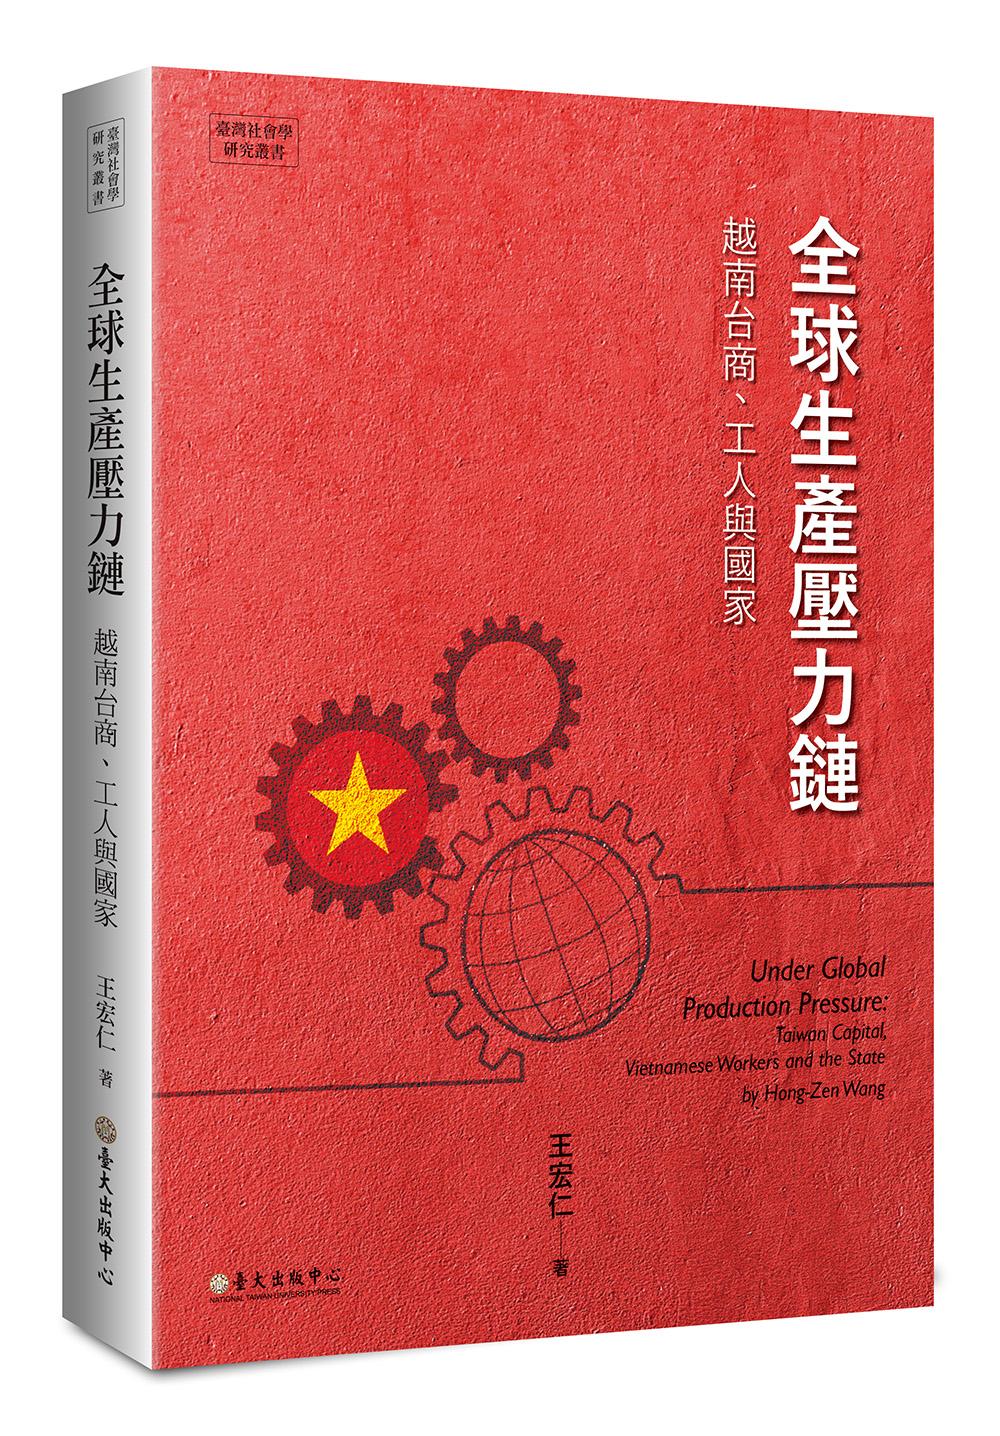 全球生產壓力鏈──越南台商、工人與國家